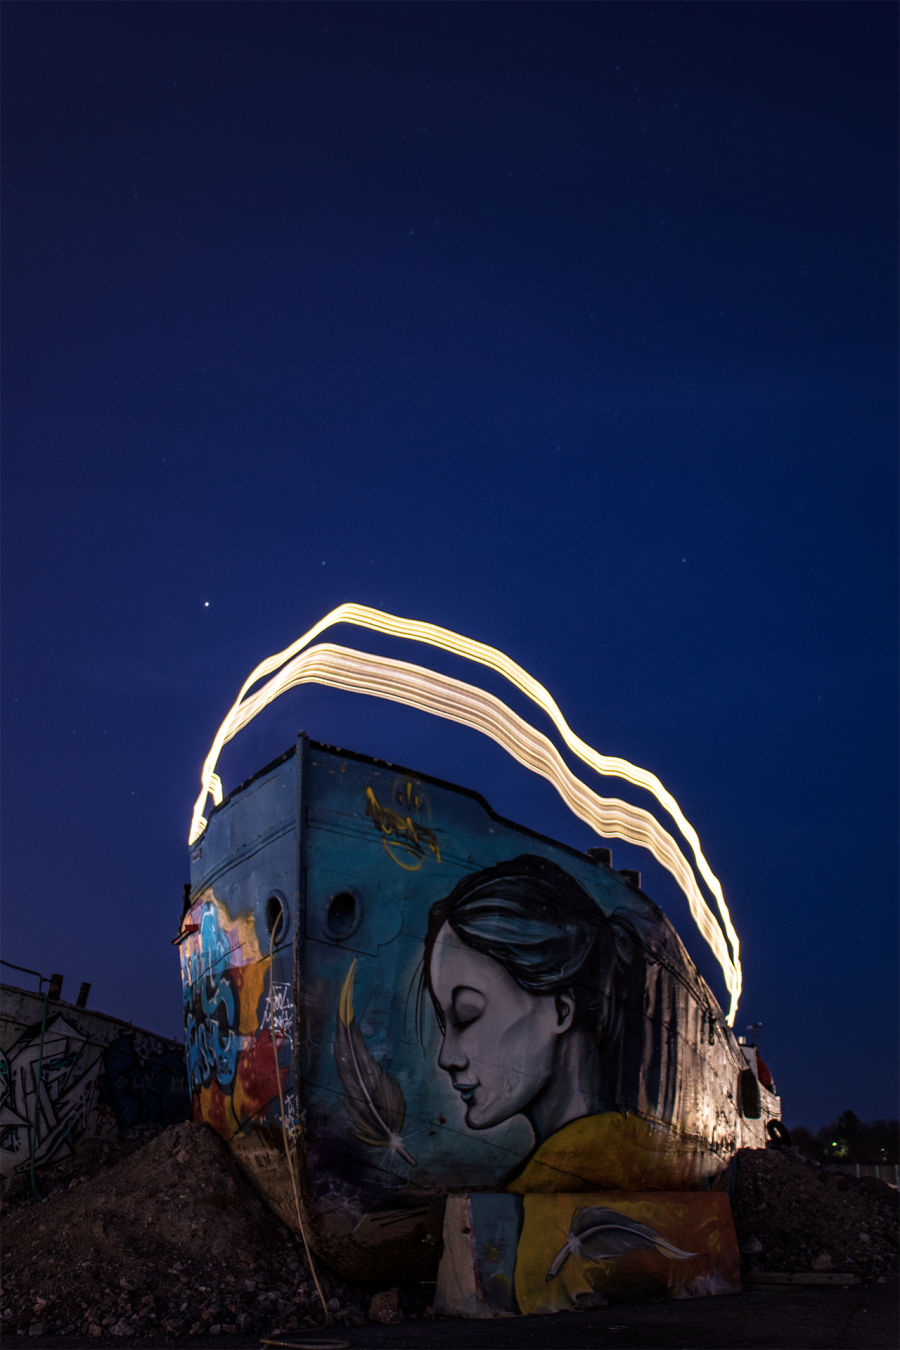 Graffiteilla täytetty laiva, jonka päällä on valolla maalattu kuvio pitkin laivan reunaa